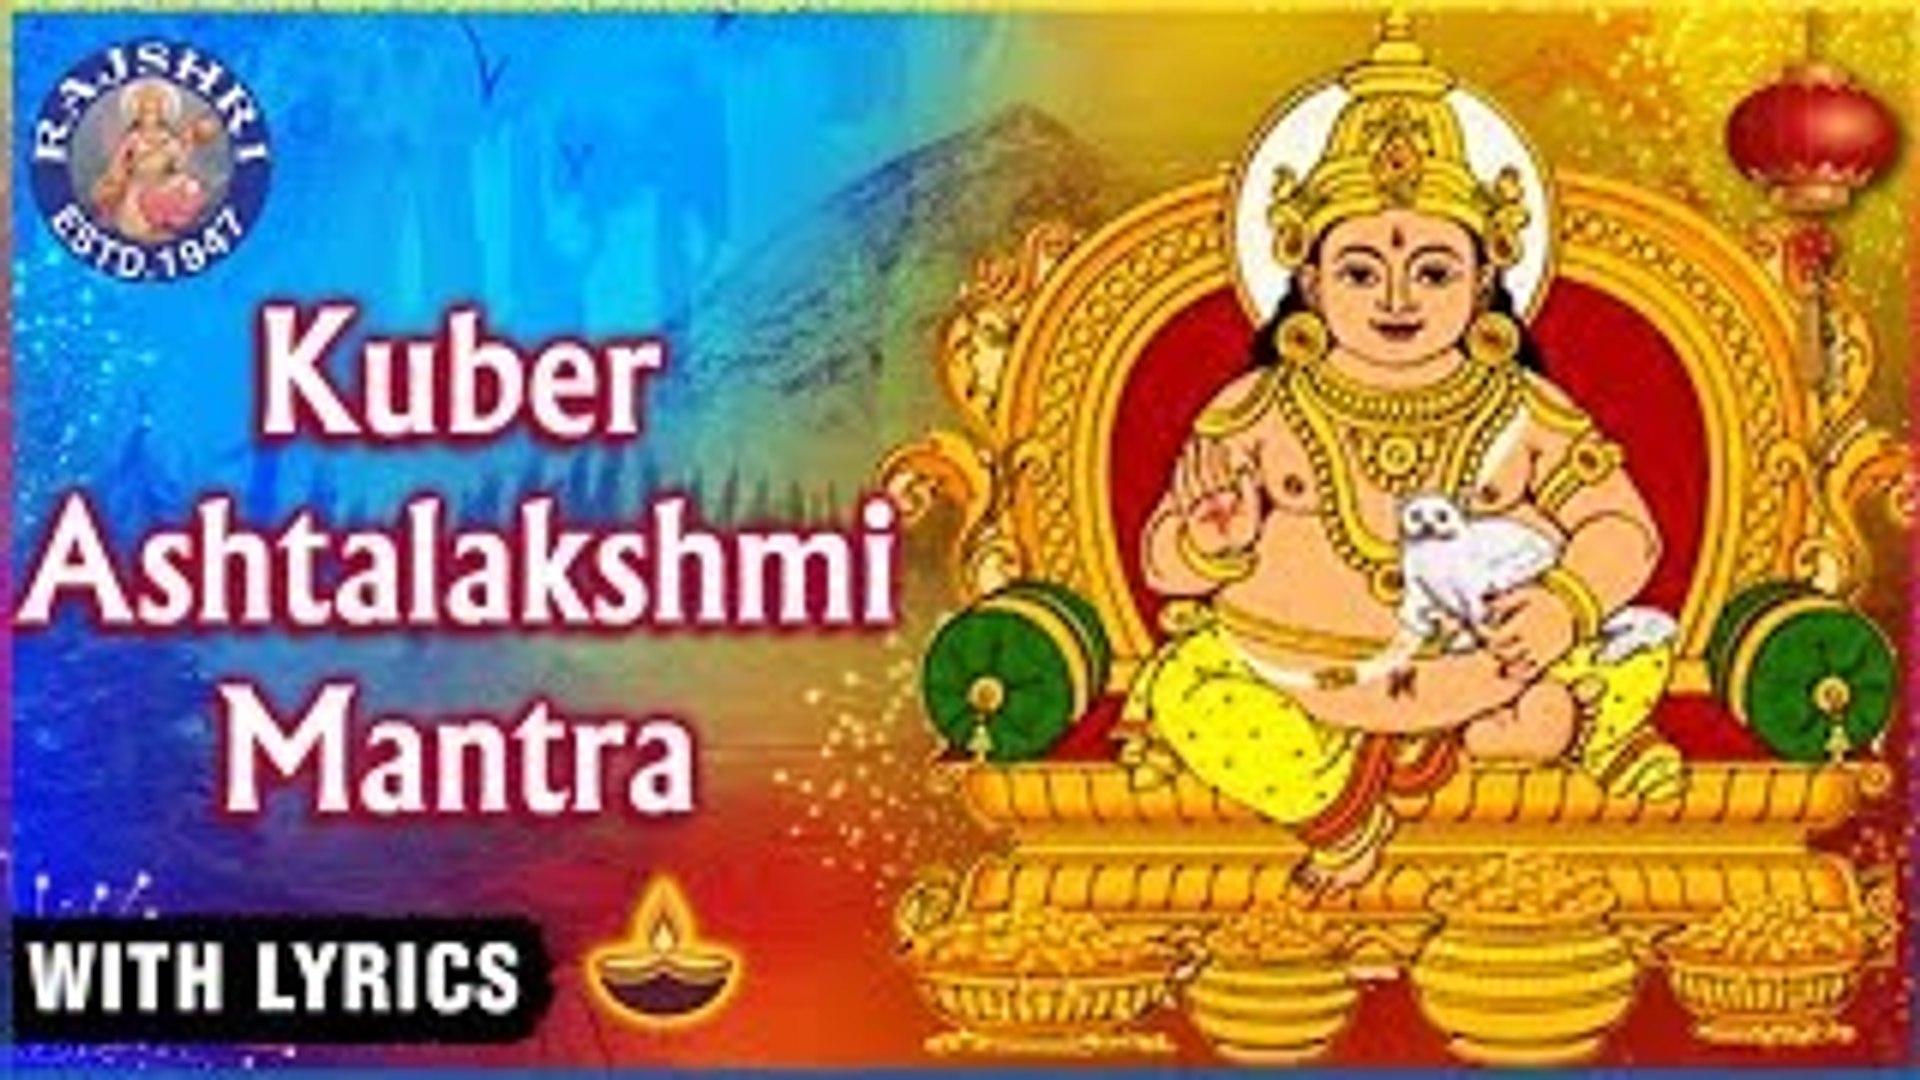 Kuber Ashtalakshmi Mantra With Lyrics | कुबेर अष्टलक्ष्मी मंत्र | Kuber  Mantra 108 Times | Diwali